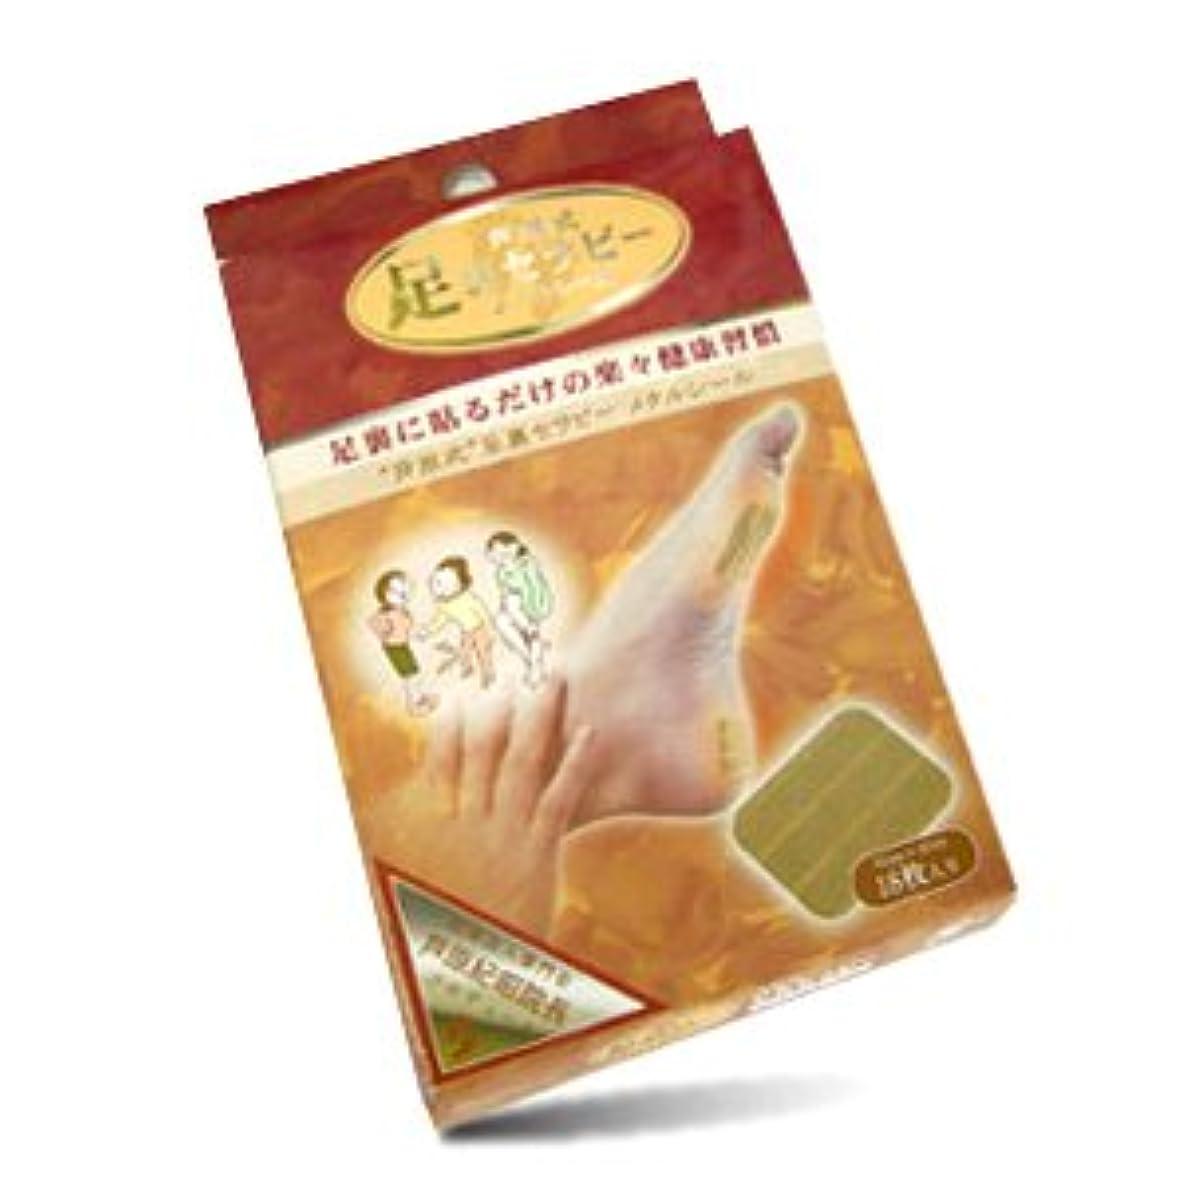 音声同化収穫芦原式足裏セラピー メタルシール 84枚入り 足裏に貼るだけの楽々健康習慣!